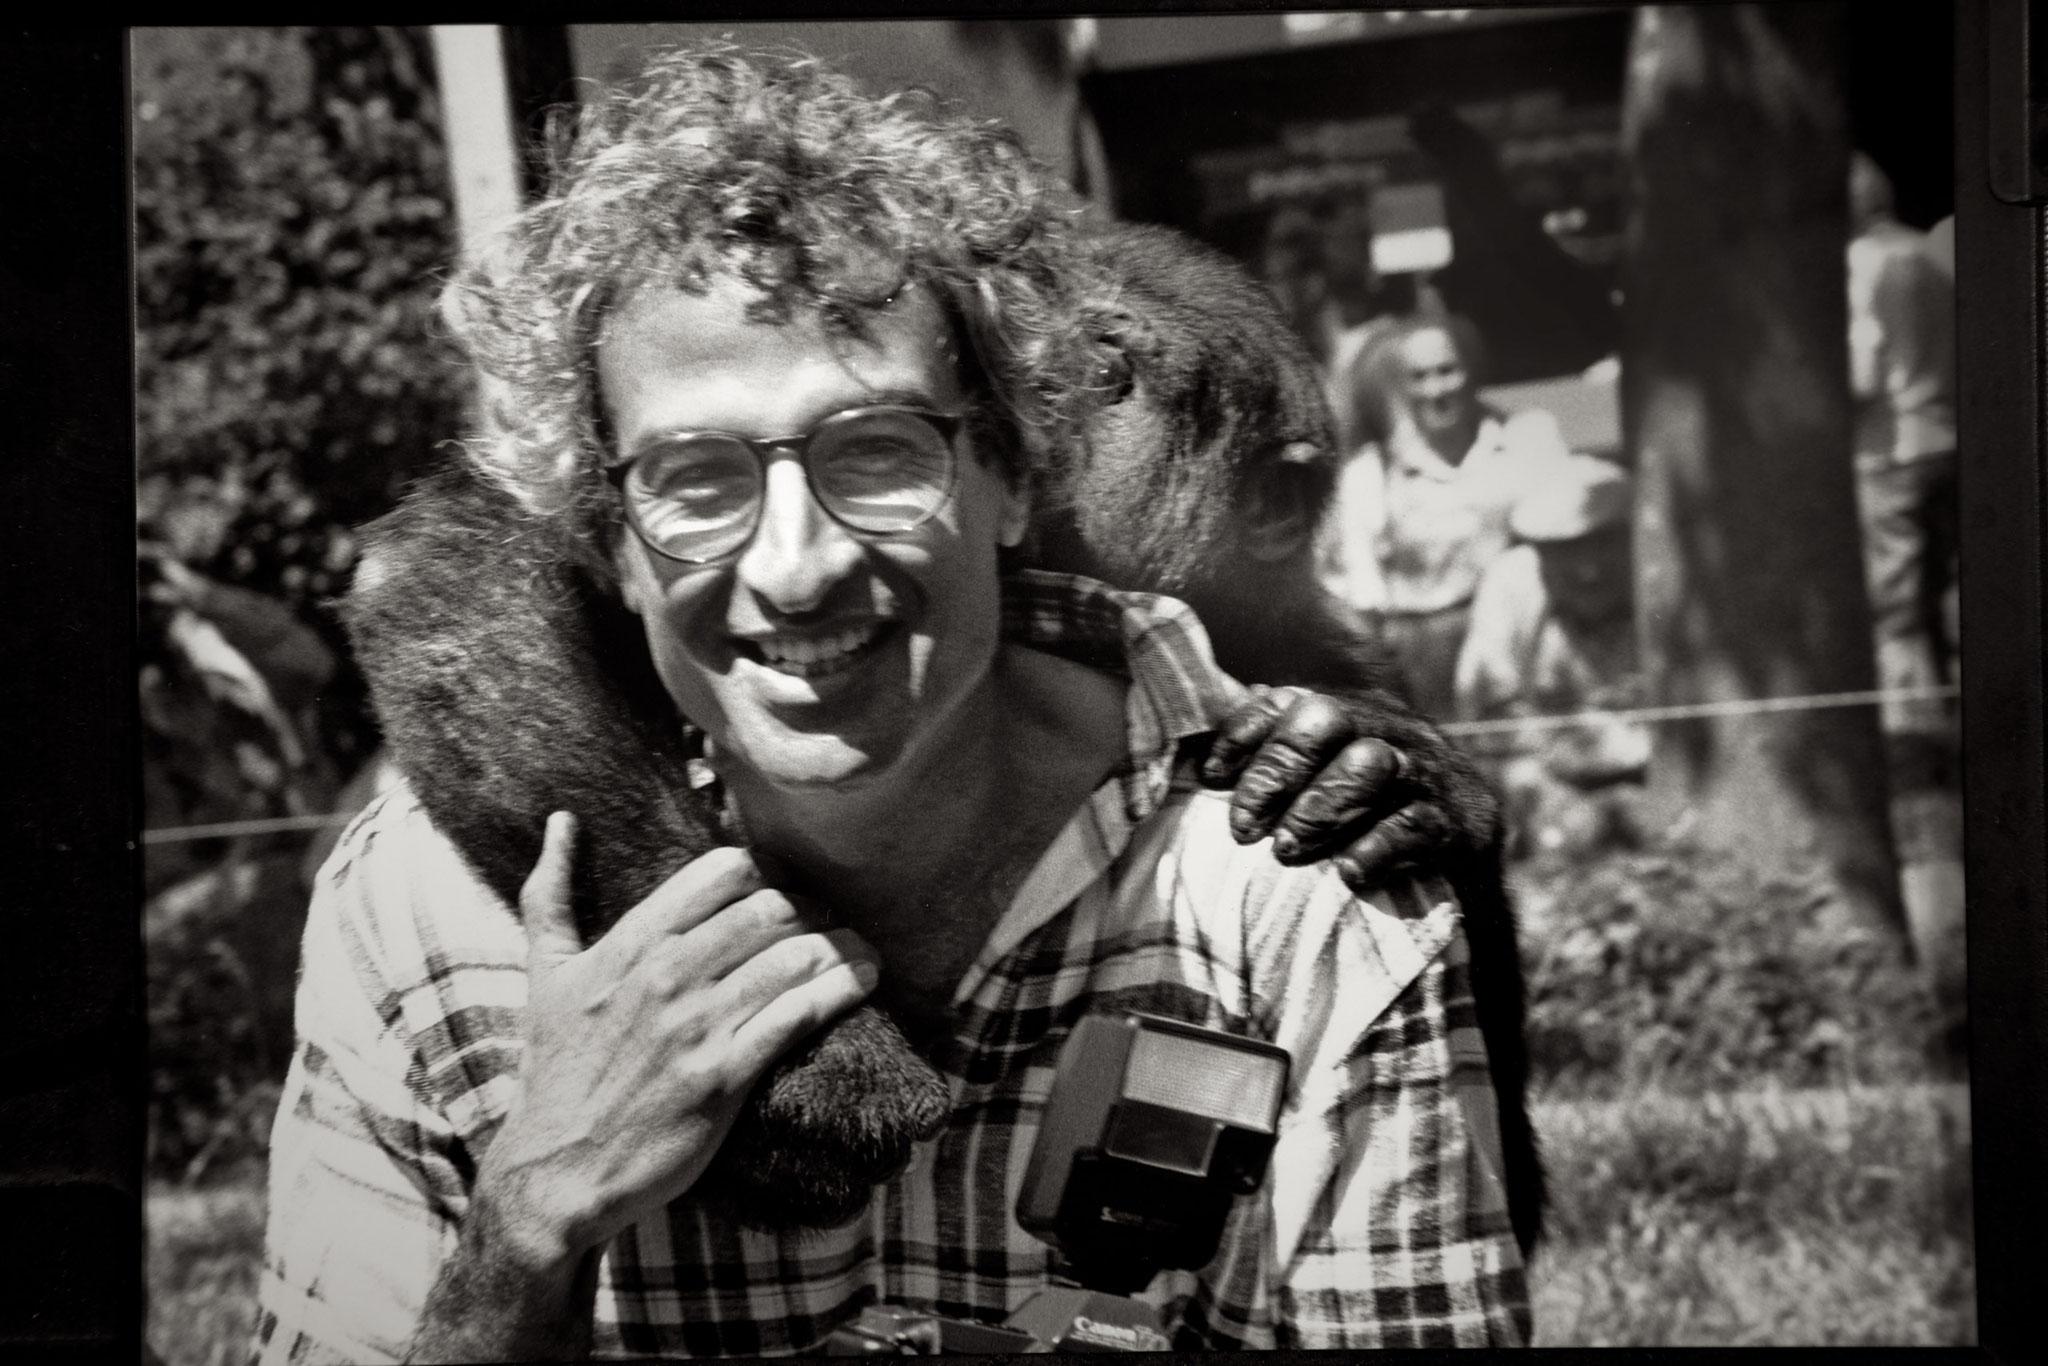 Selbstporträt mit Gorillababy